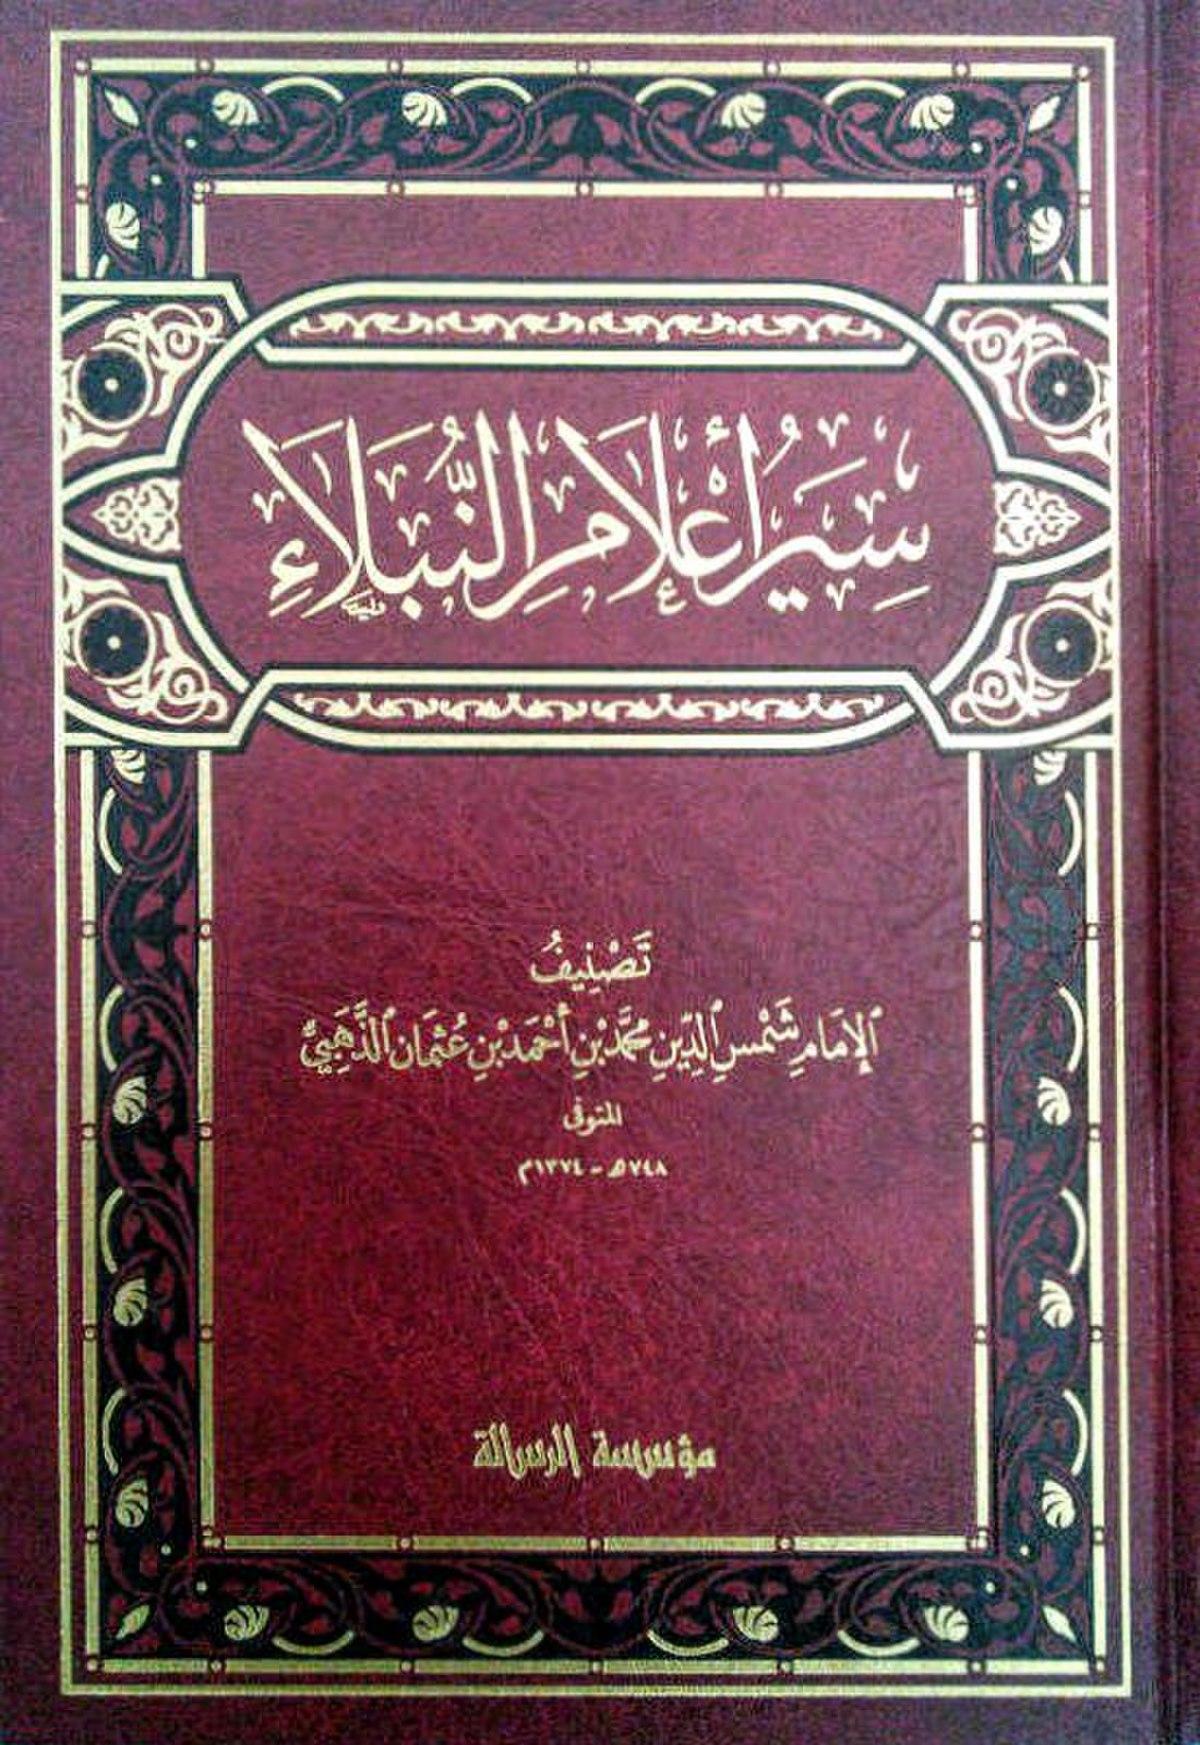 كتاب المناقب الصوفية pdf